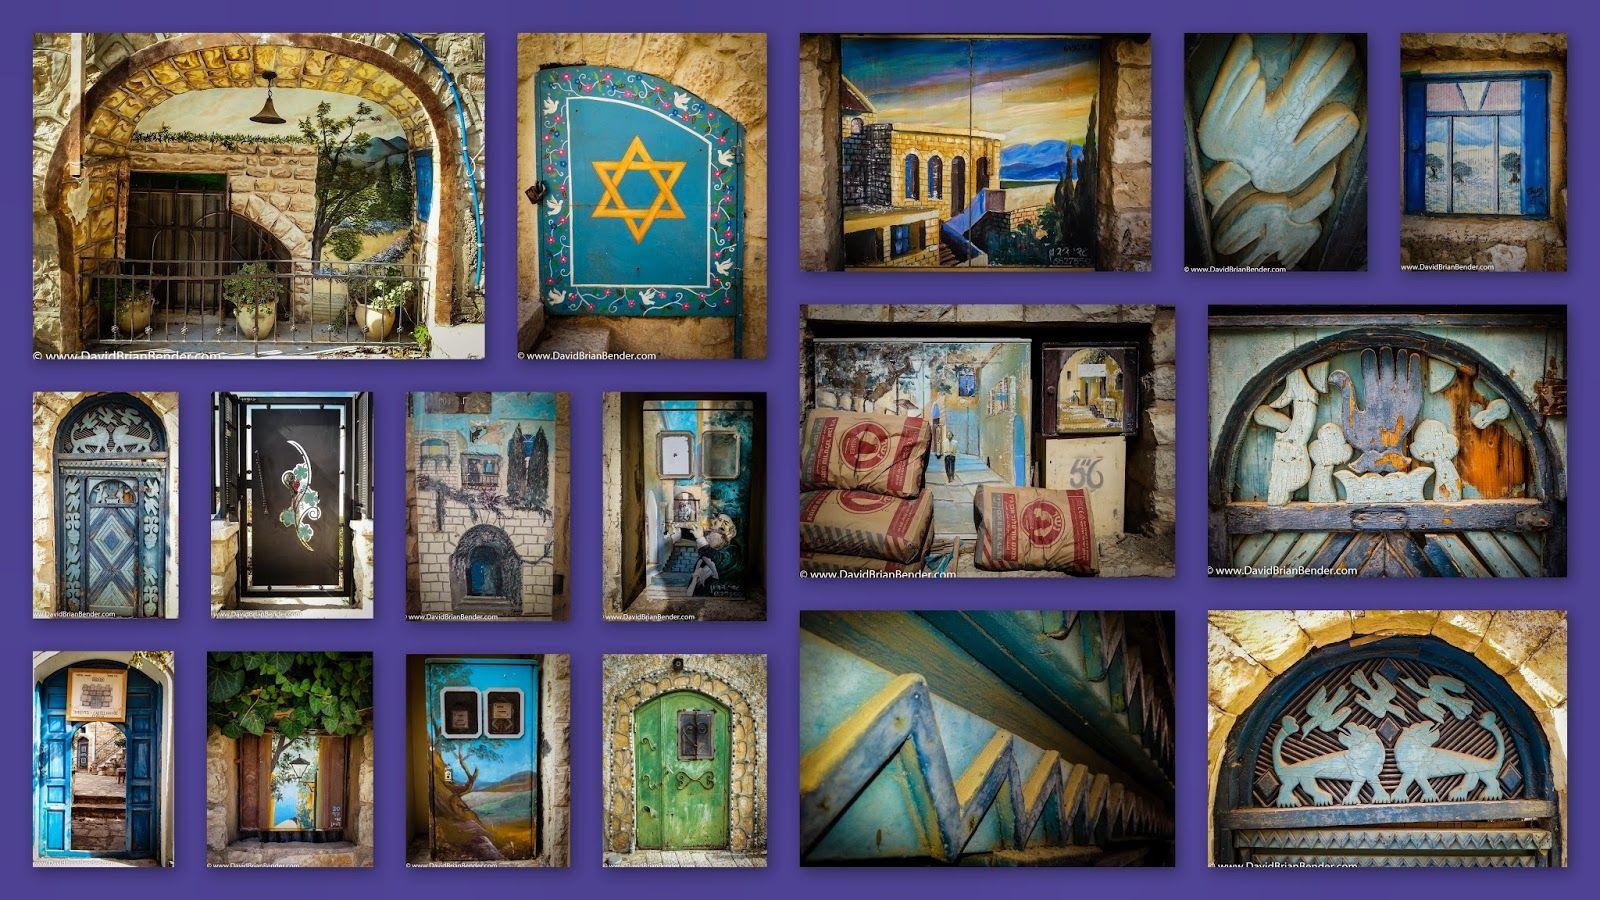 tzfat street art jpg israel safed tzfat pinterest israel